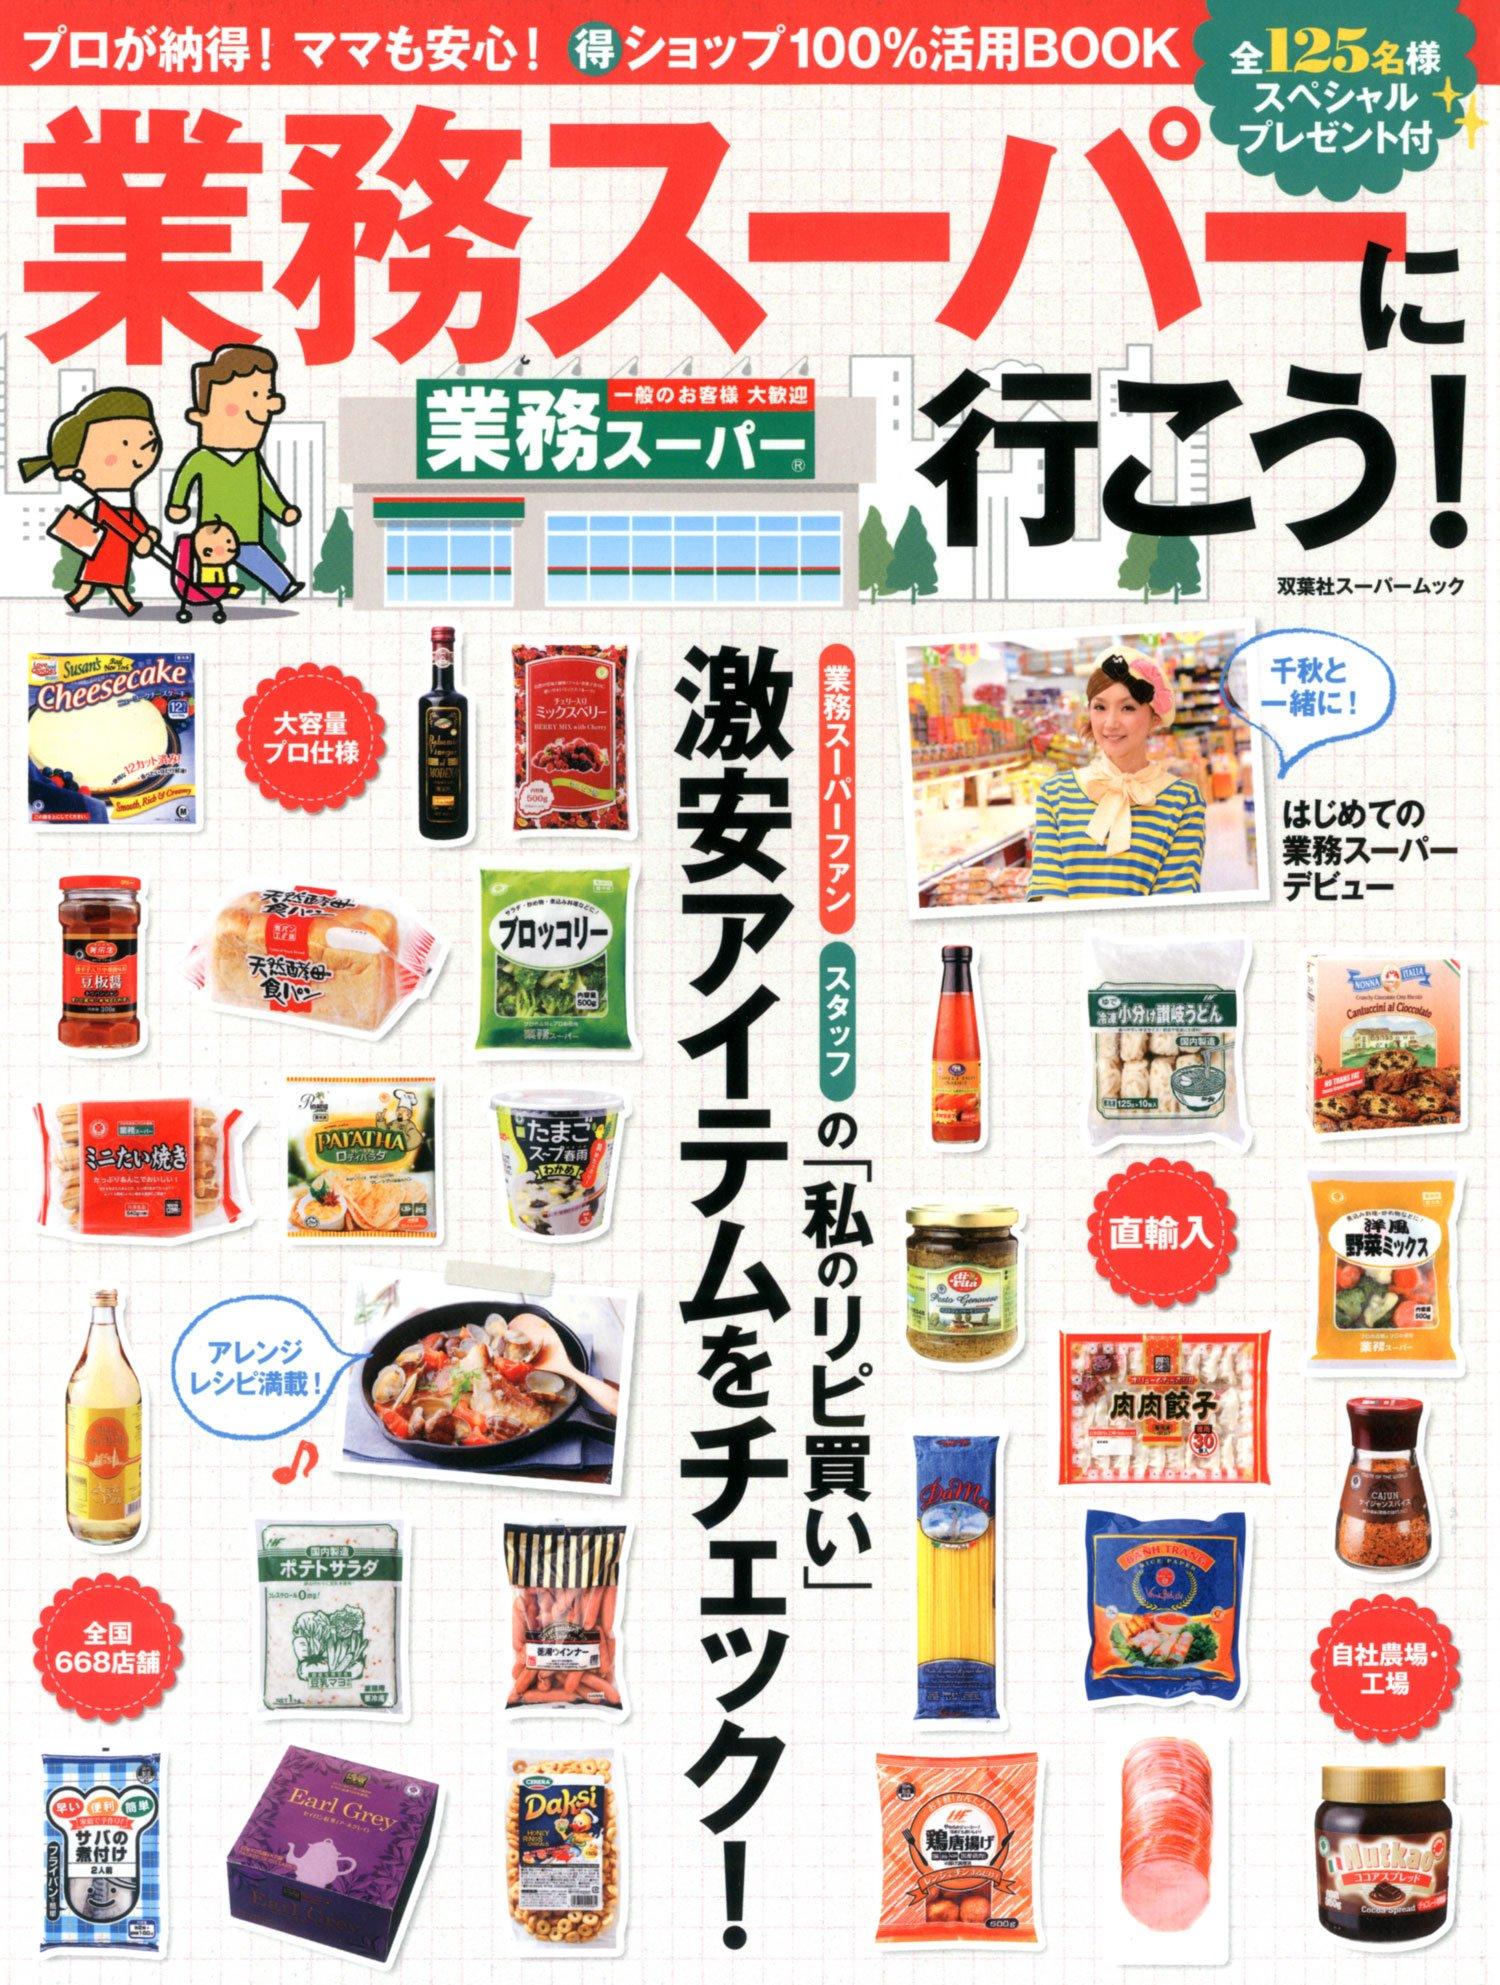 Risultati immagini per 業務スーパーのベストアイテム